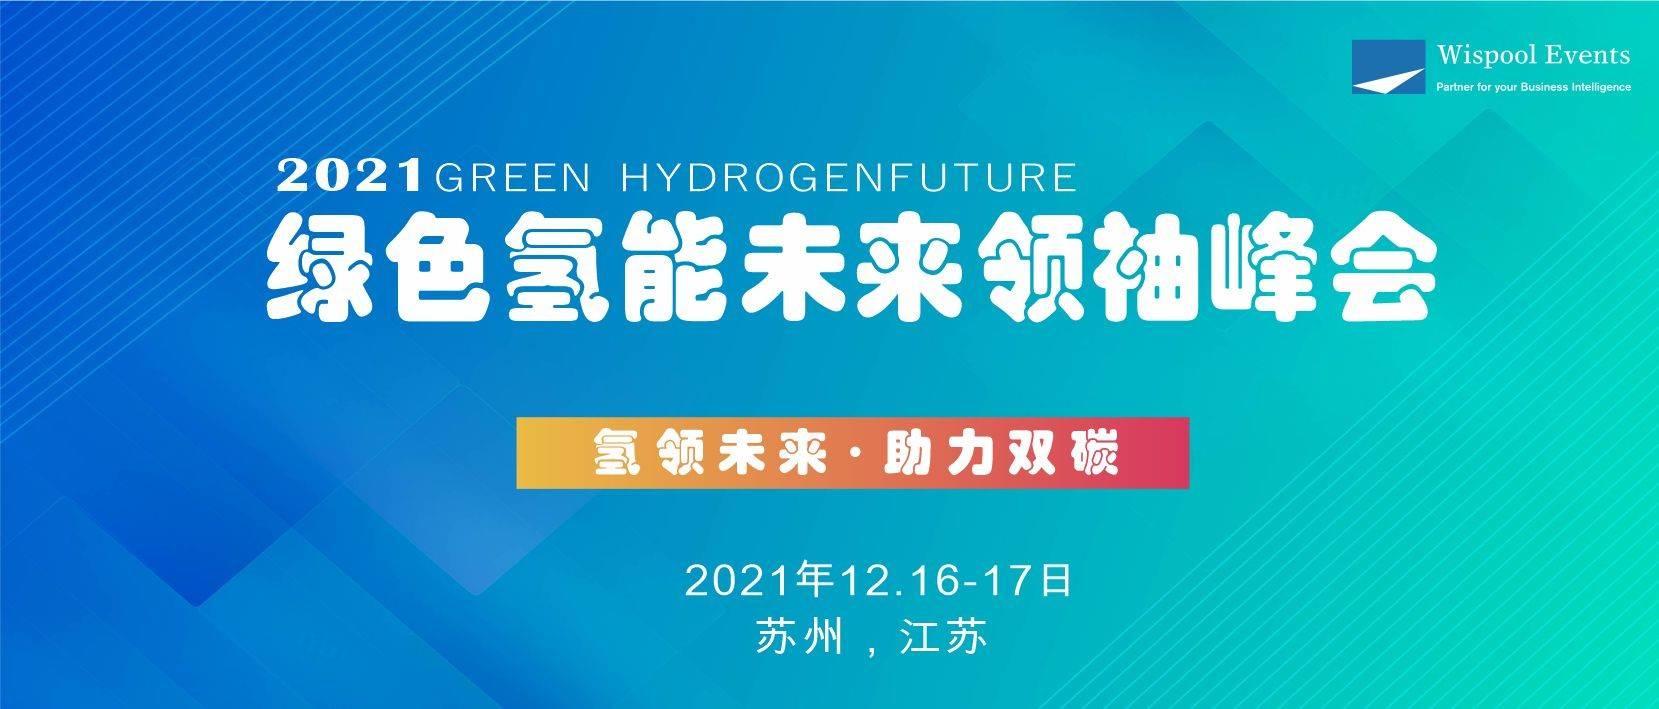 氢领未来·助力双碳 | 2021绿氢系列峰会——苏州